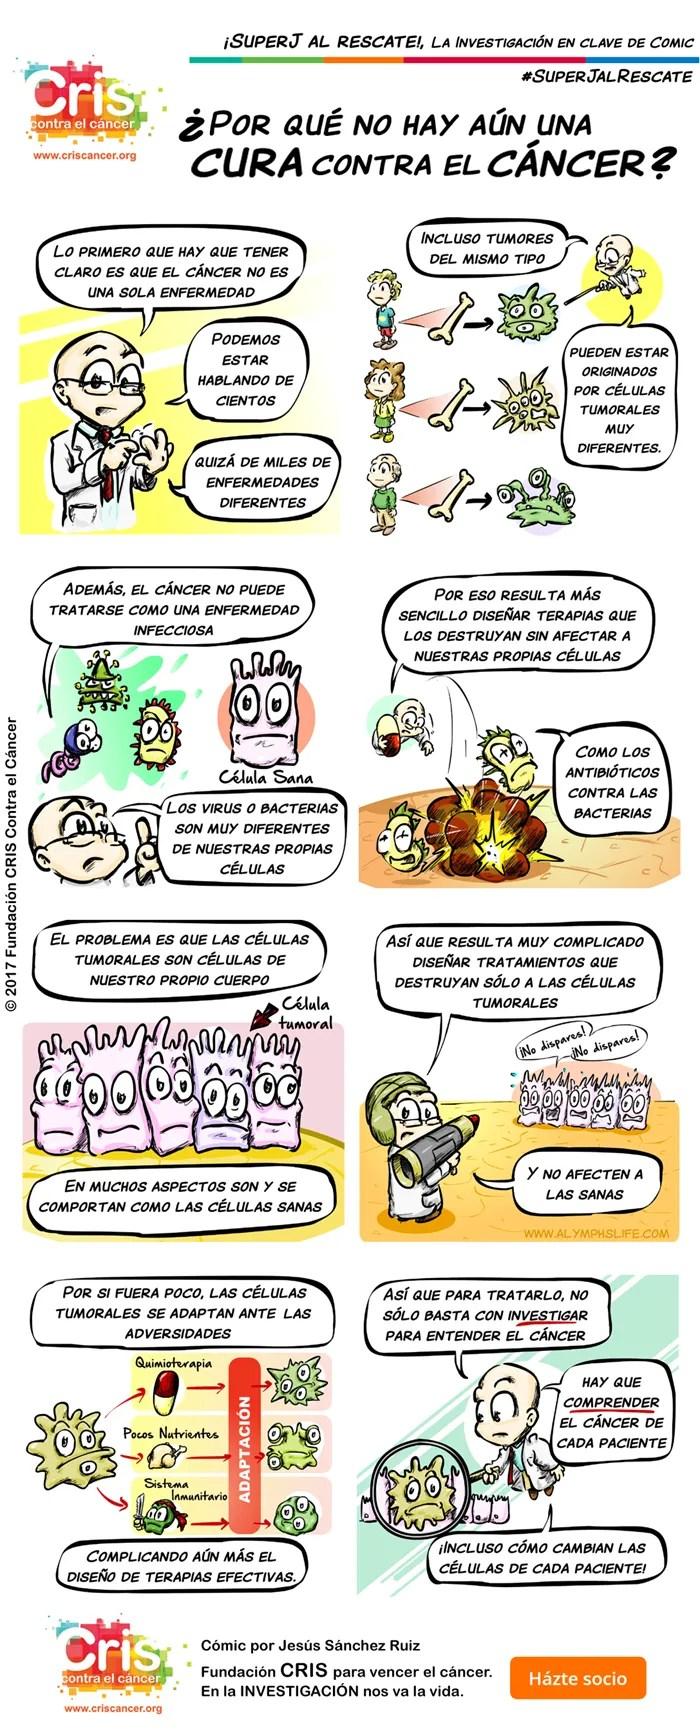 Por qué no tenemos aún una cura contra el cáncer